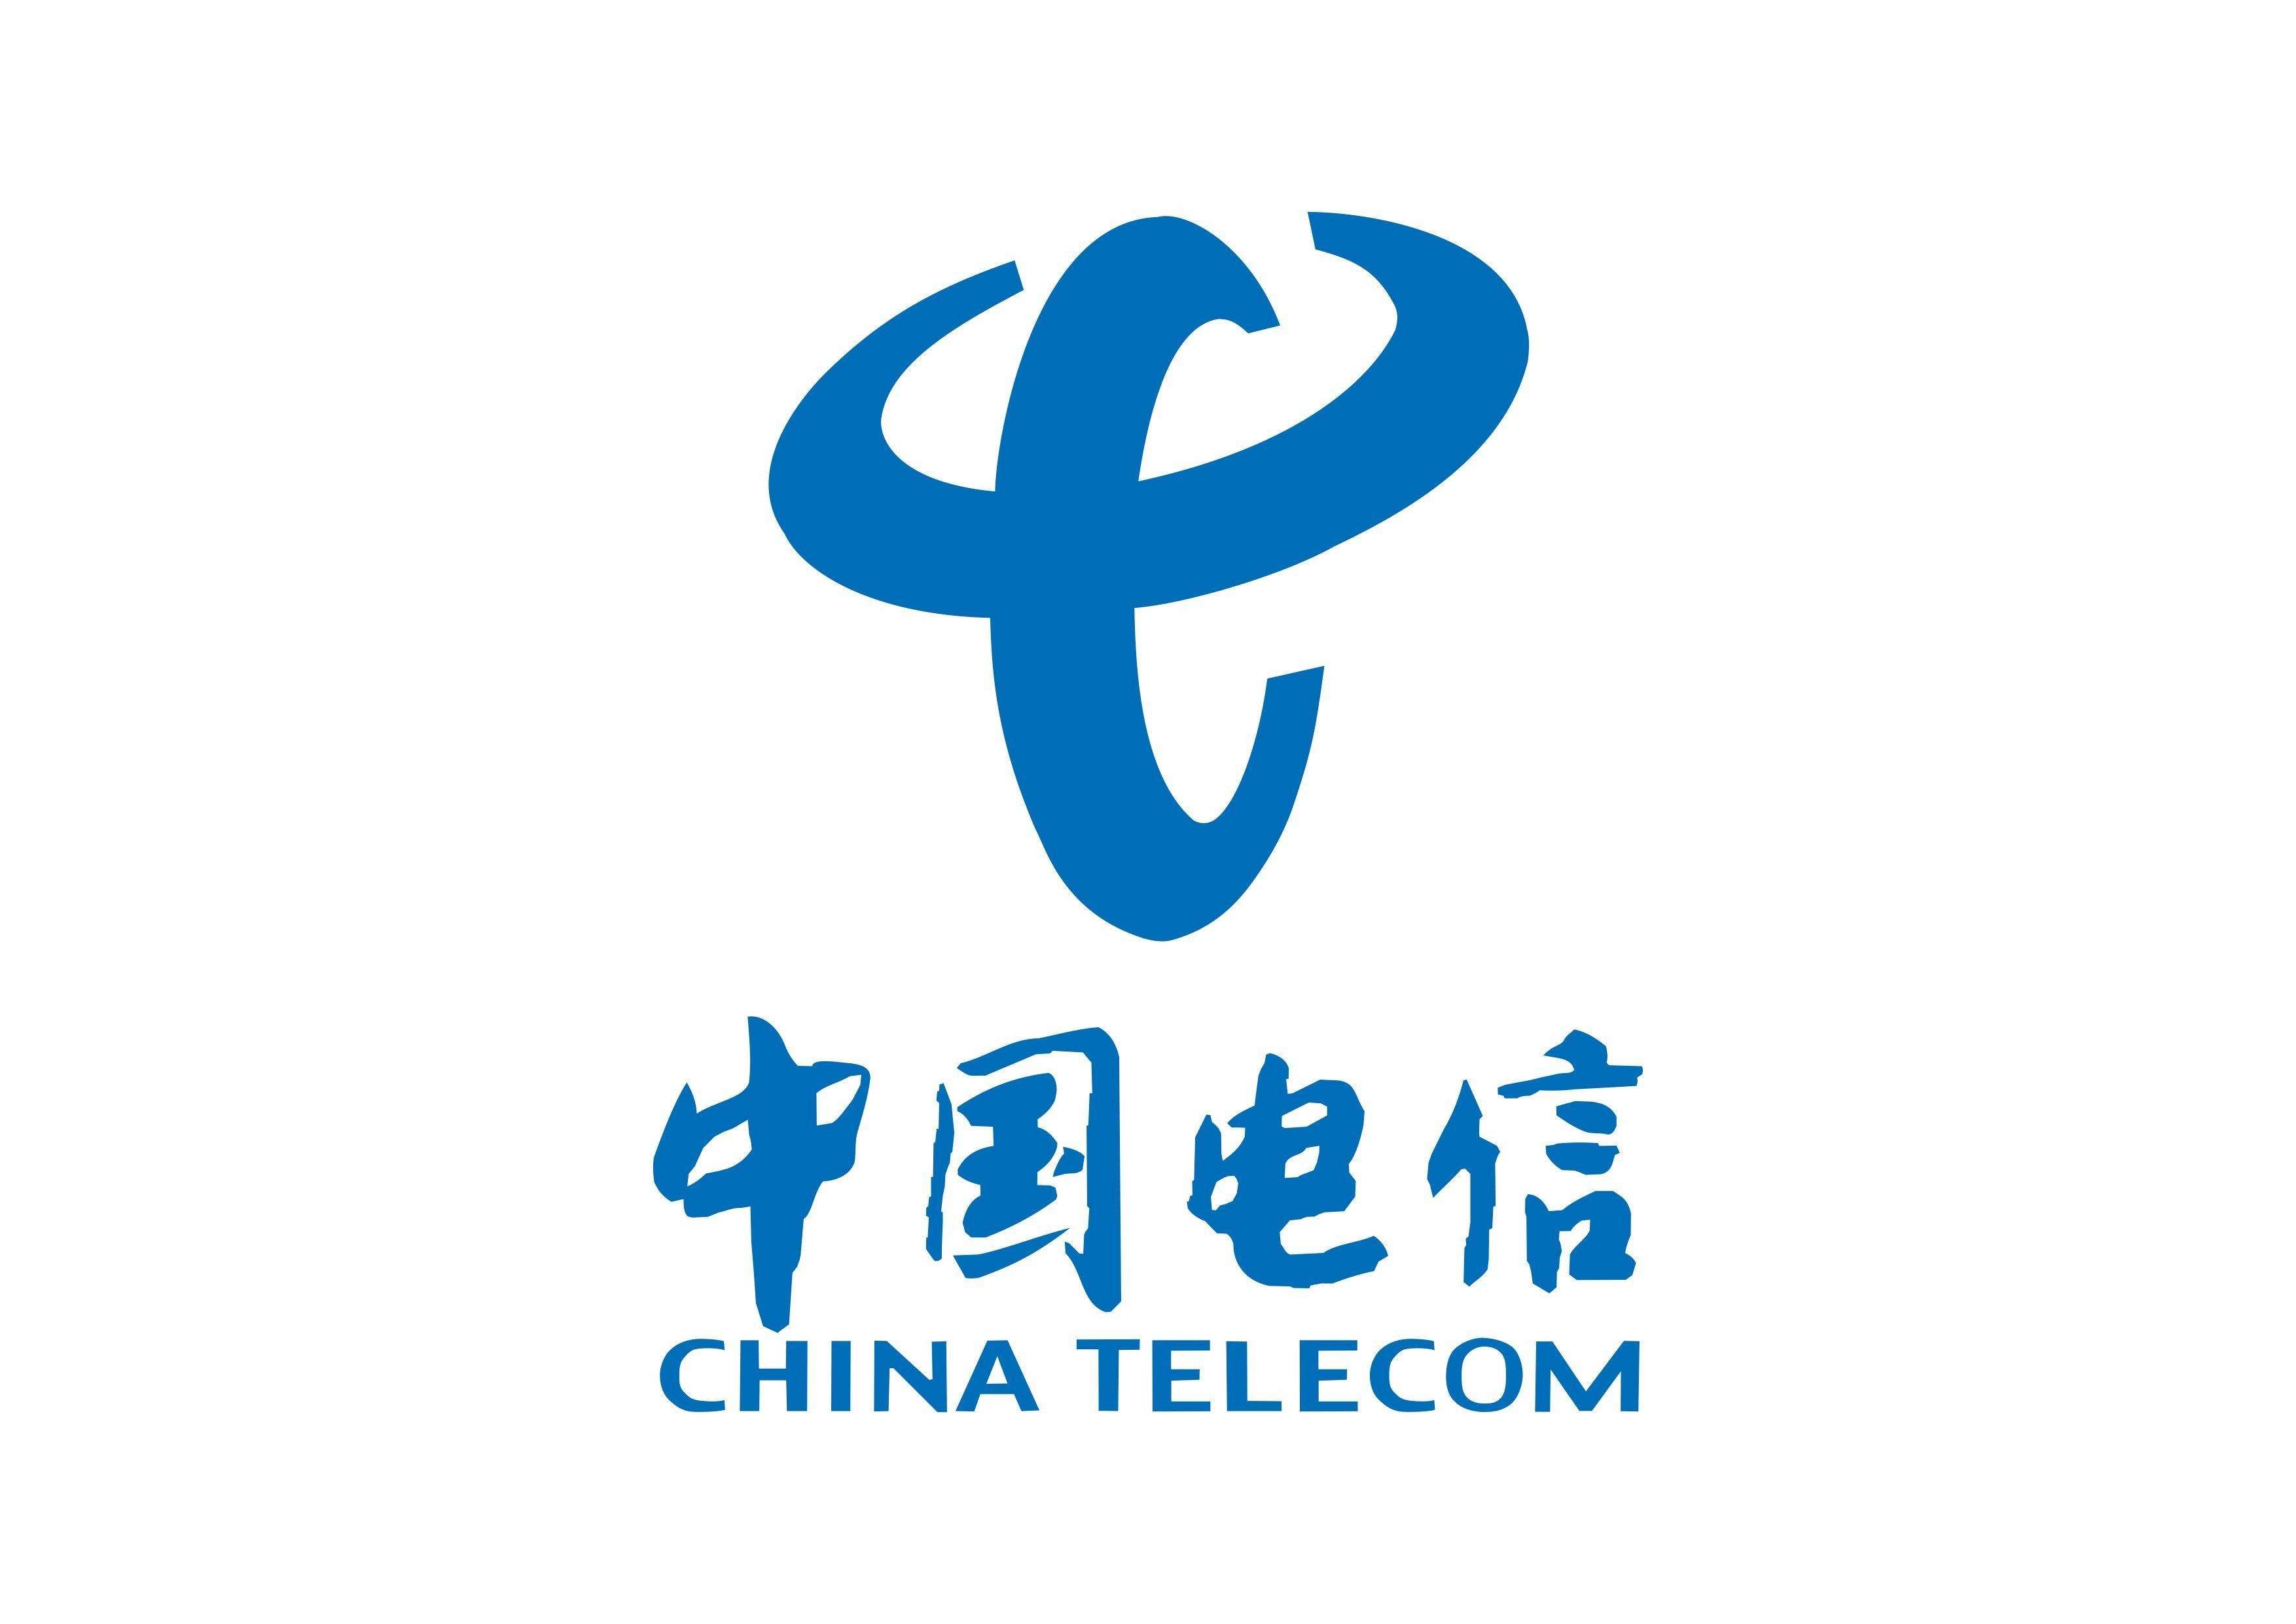 山东电信联合华为开通了省内首个SA 5G实验网